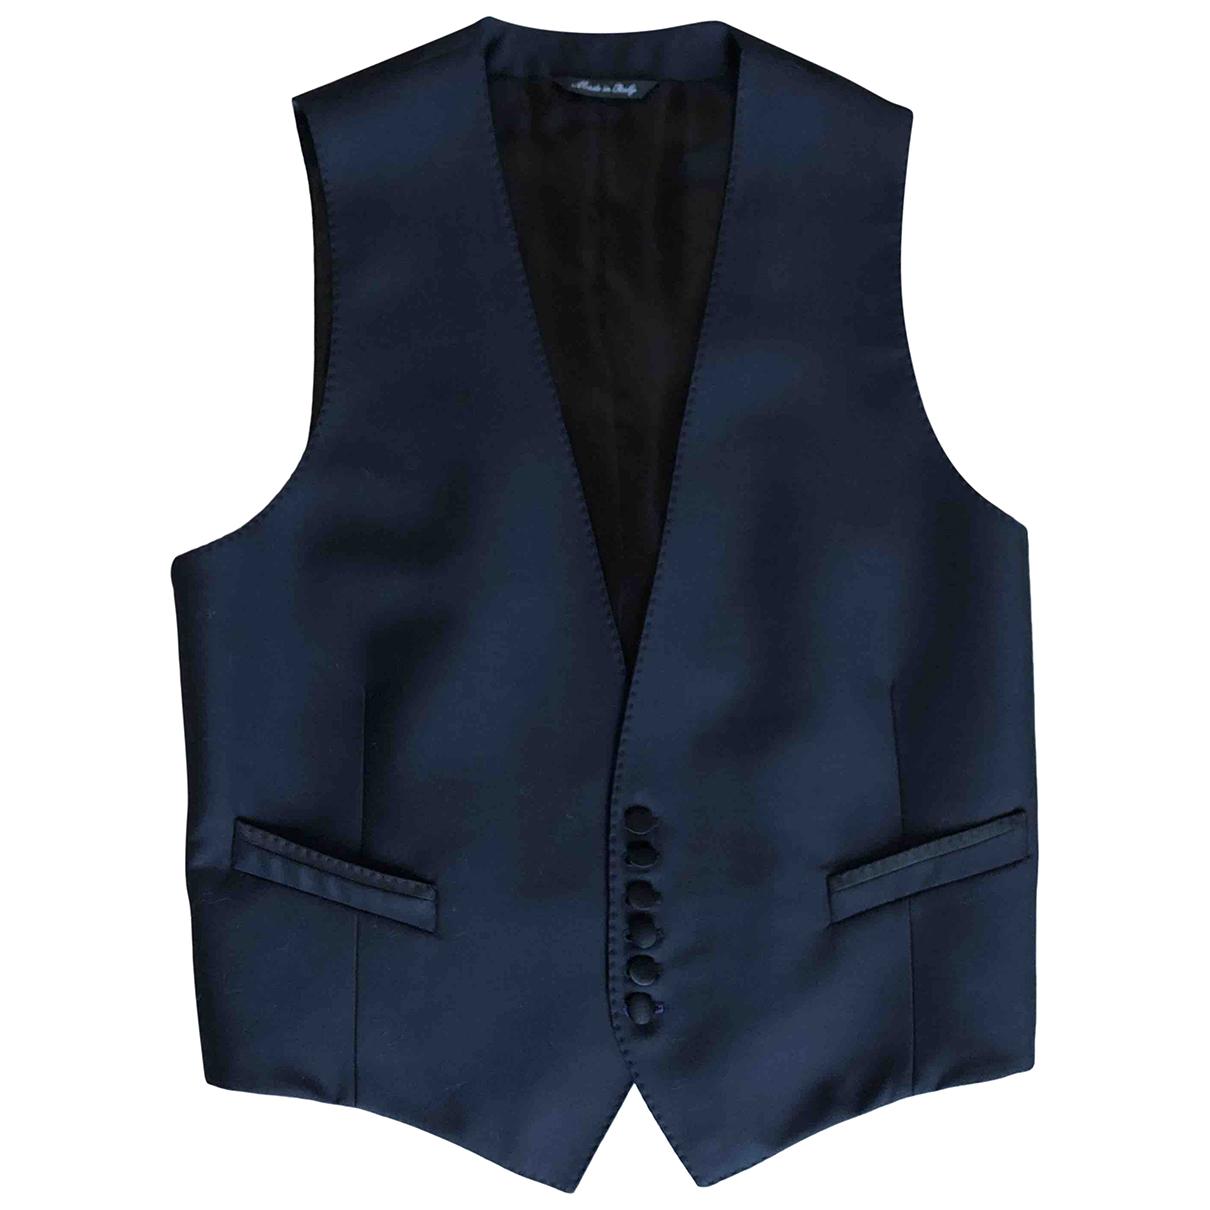 Paul Smith - Pulls.Gilets.Sweats   pour homme en laine - bleu